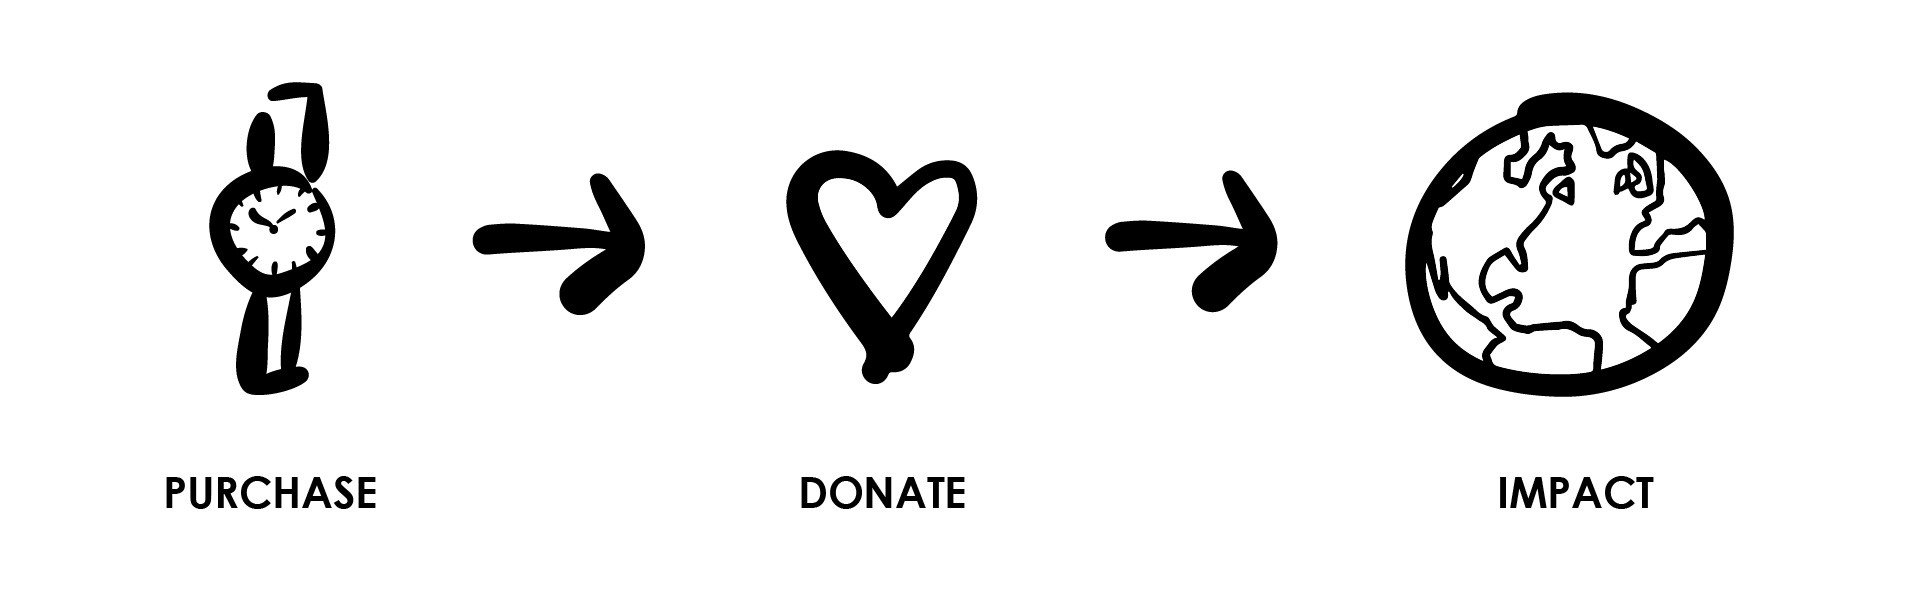 Give-06_2048x2048.jpg